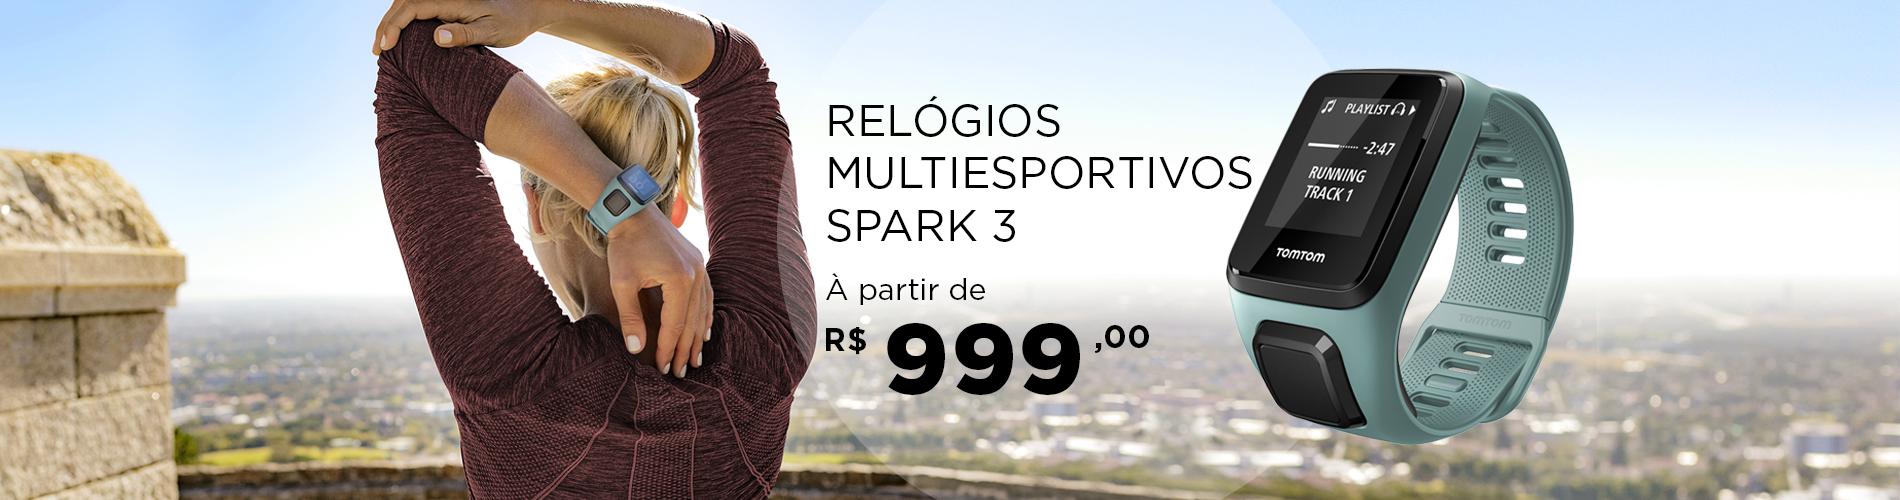 Spark 3